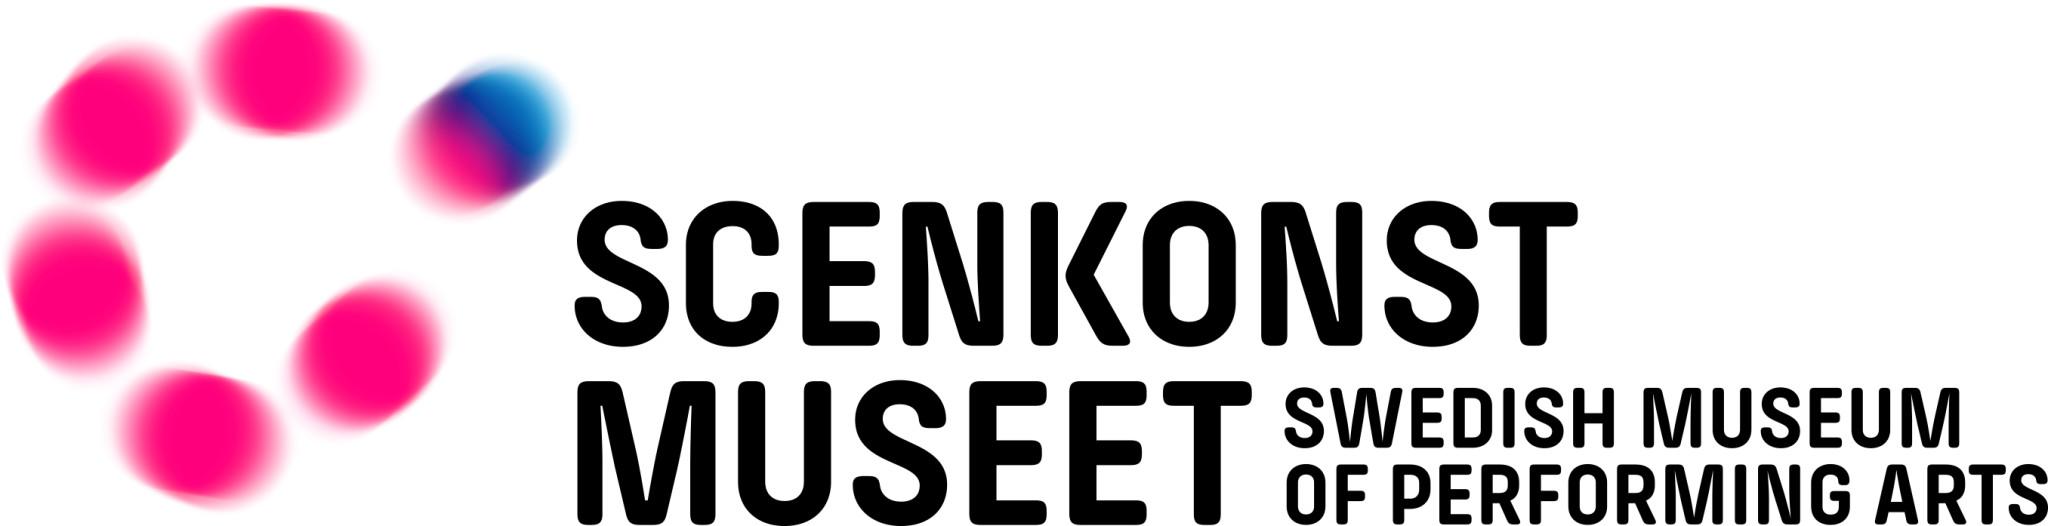 Scenkonstmuseet logo